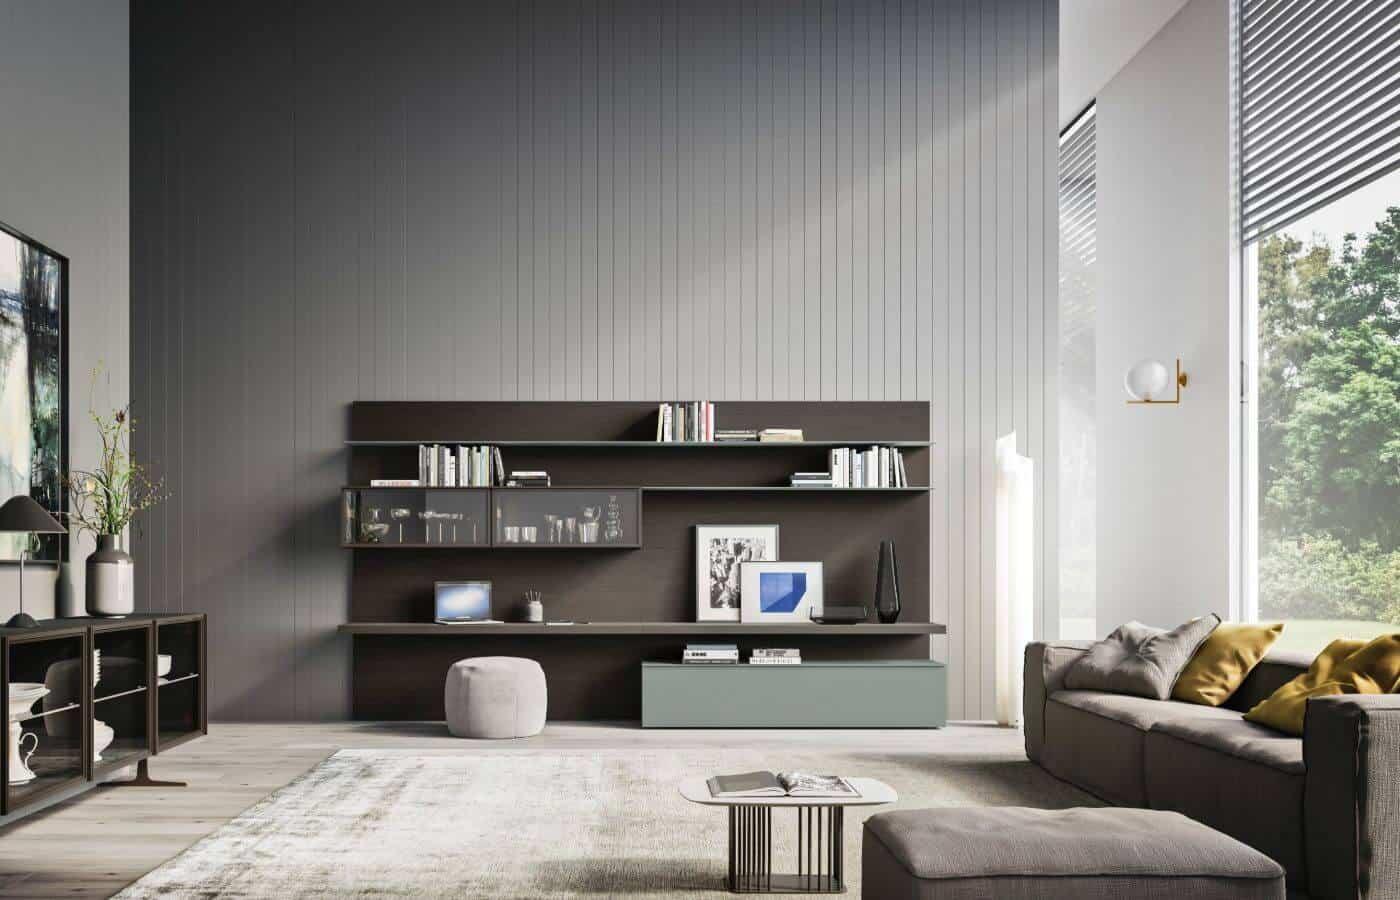 zona-giorno-parete-attrezzata-collezione-antalia-il-mobile (1)